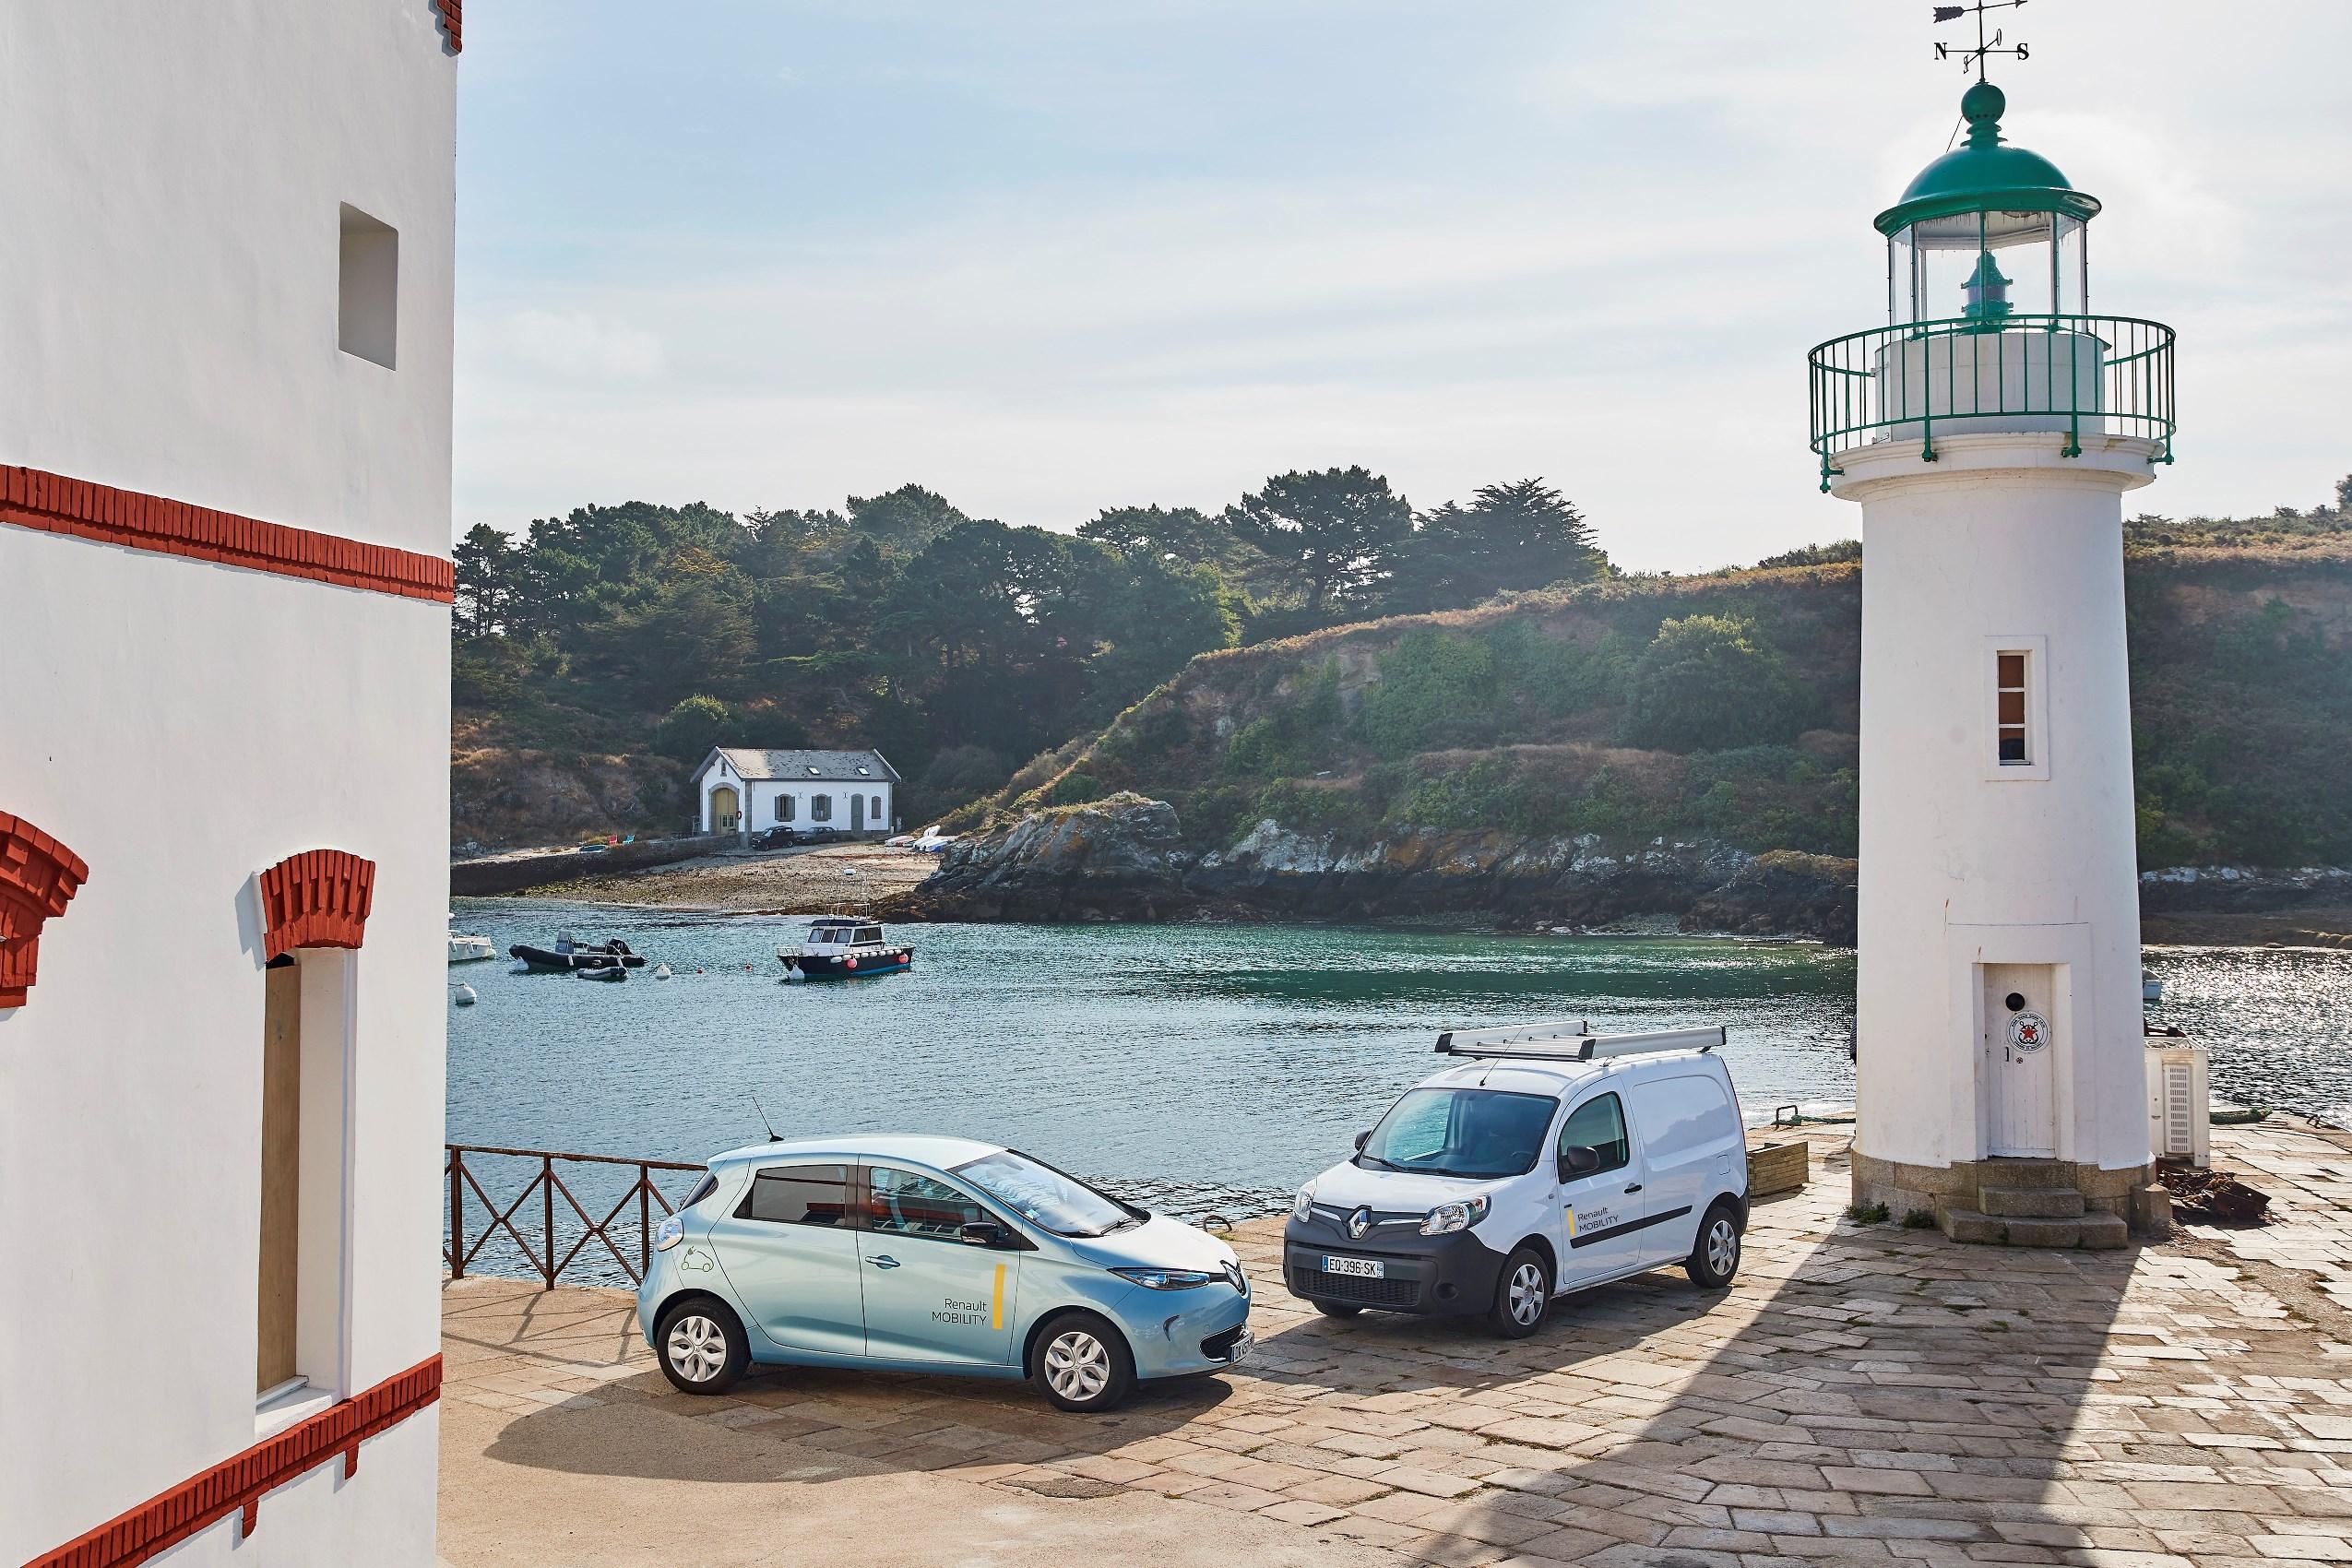 Renault создаст умную электрическую экосистему на французском острове 1